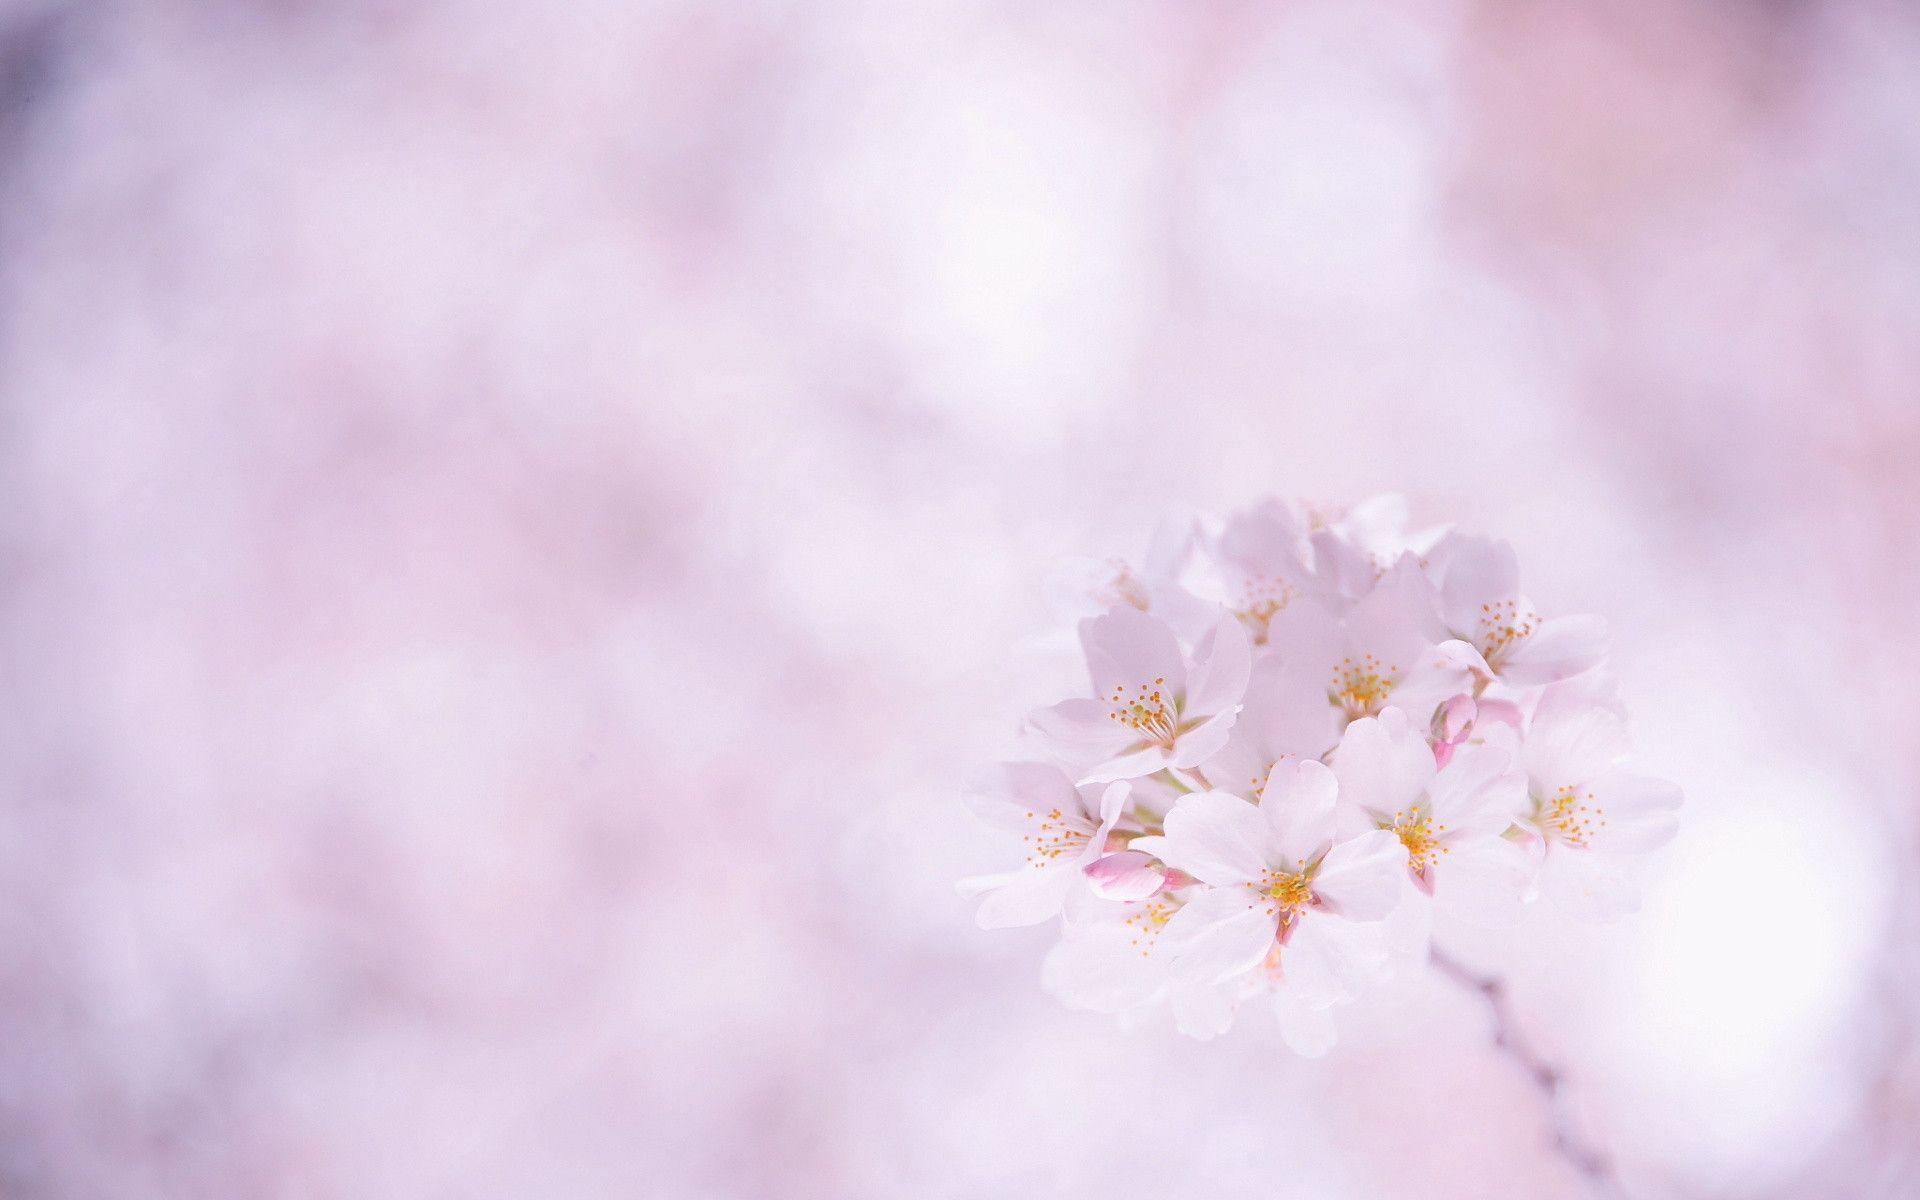 Sakura Flower wallpaper - 832434